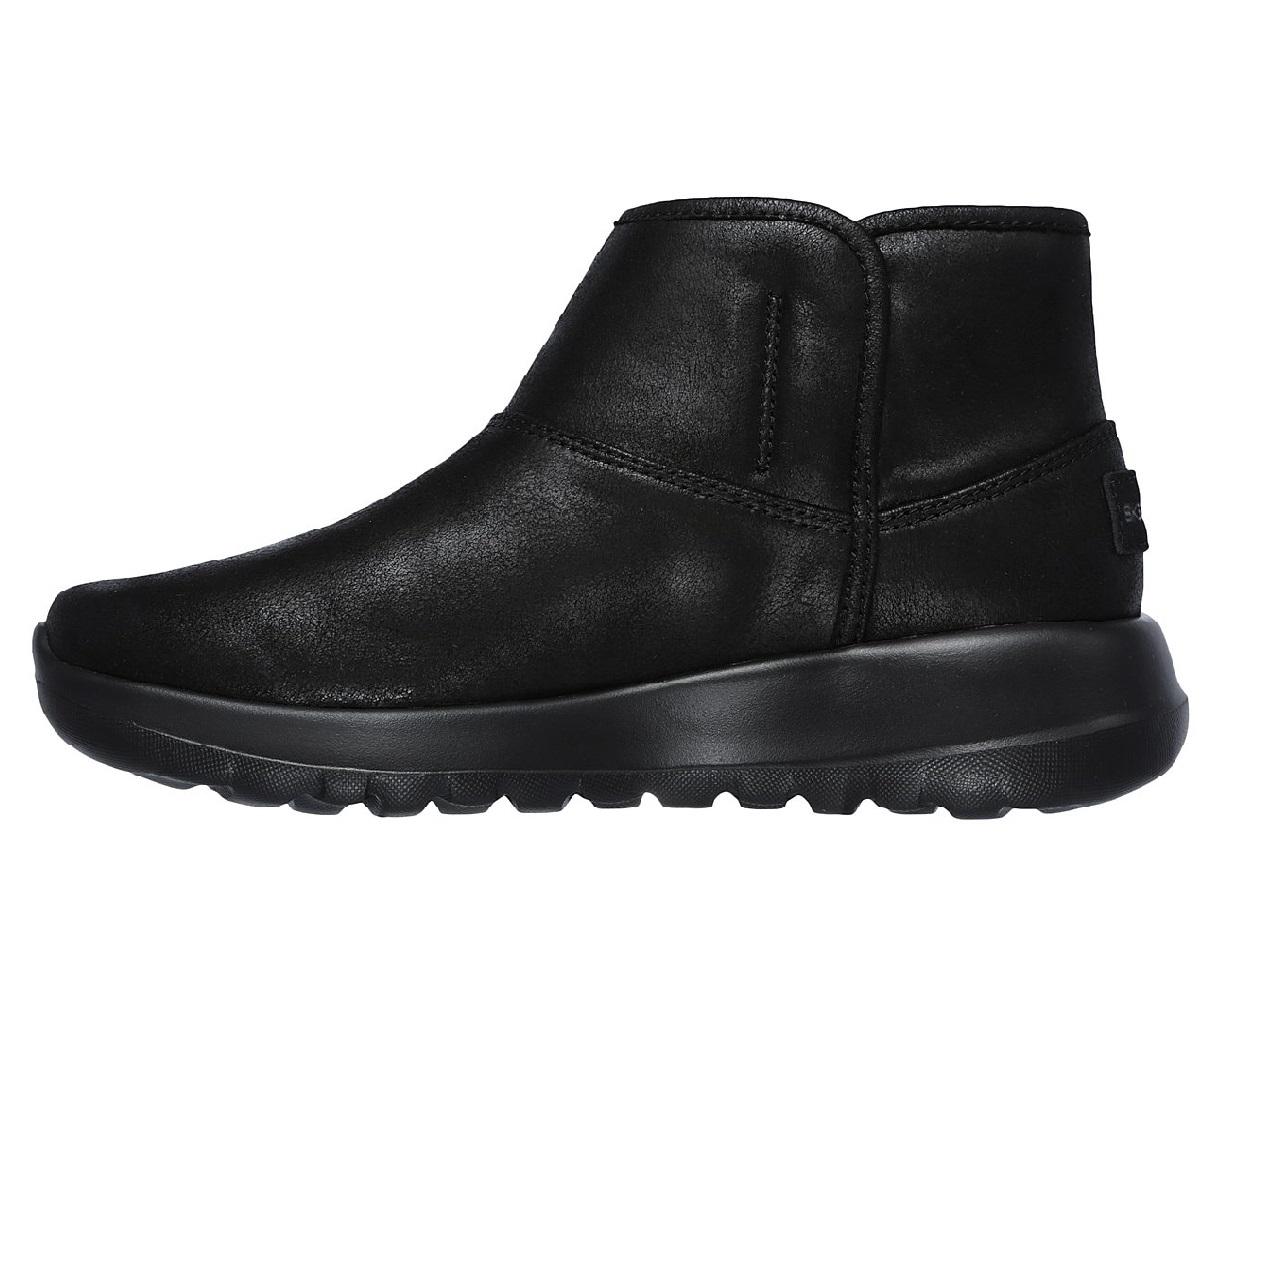 خرید کفش مخصوص پیاده روی زنانه اسکچرز مدل 15504BBK